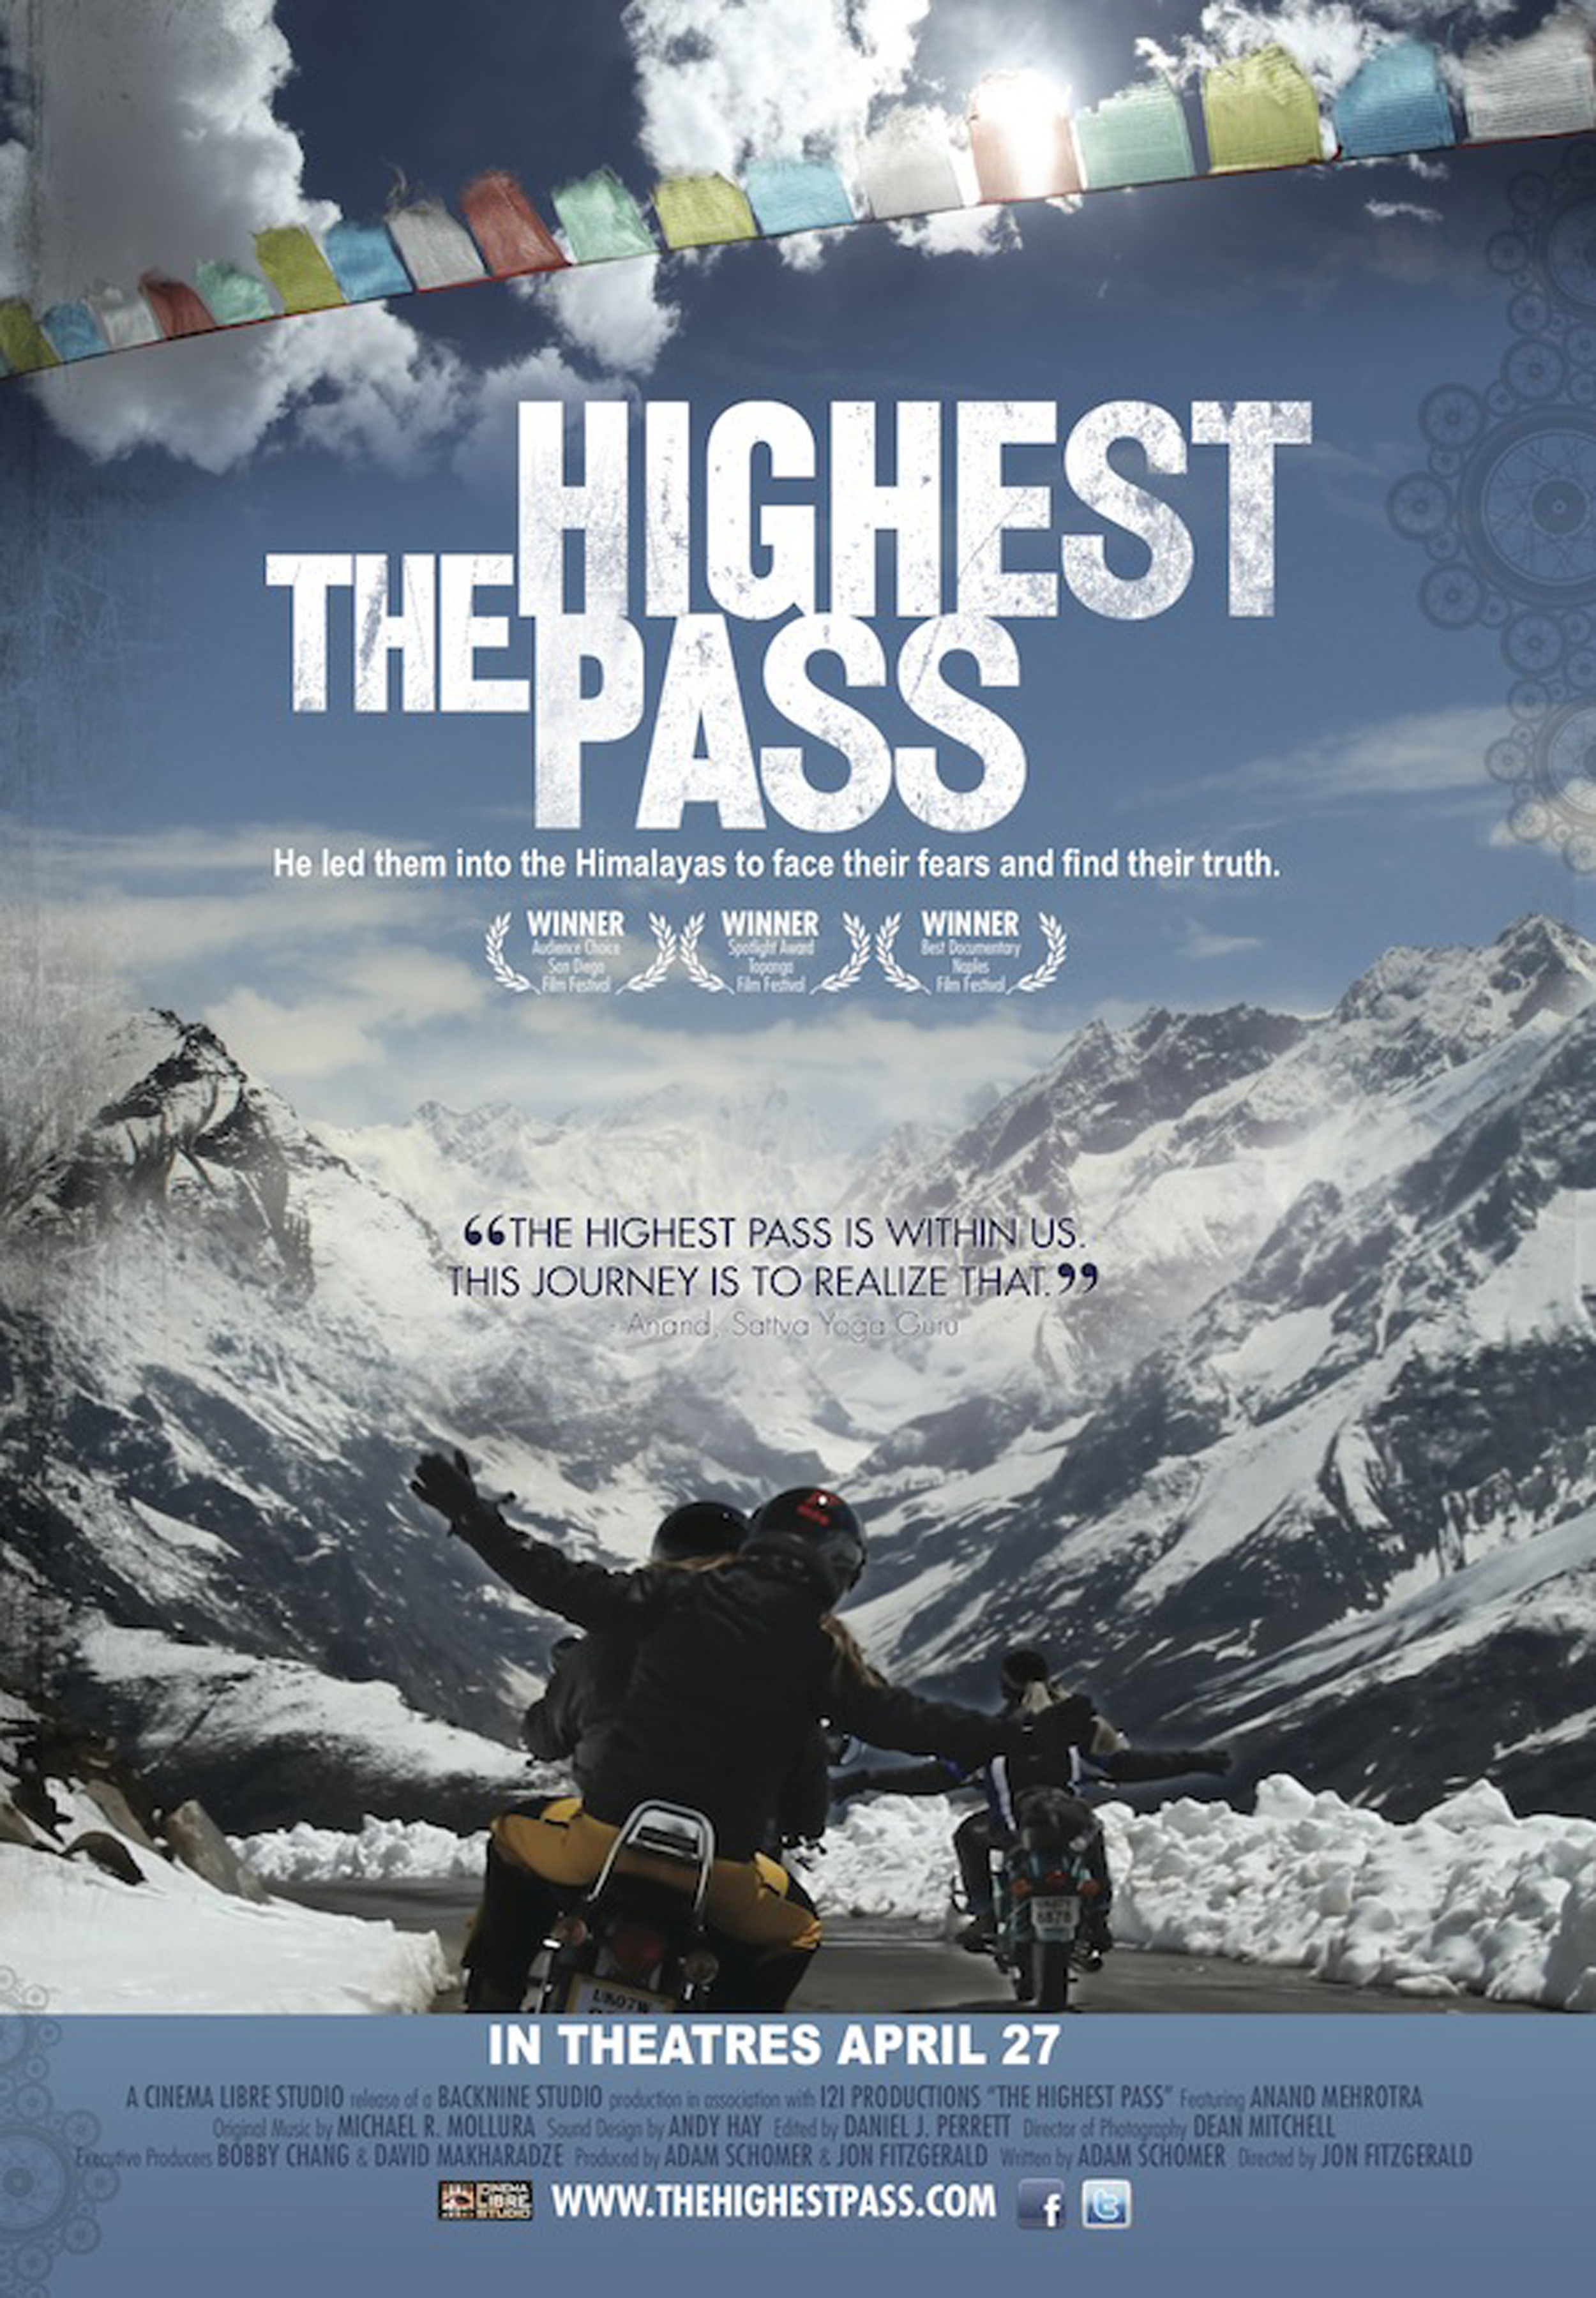 HighestPass_Poster_FINAL_better res.jpg